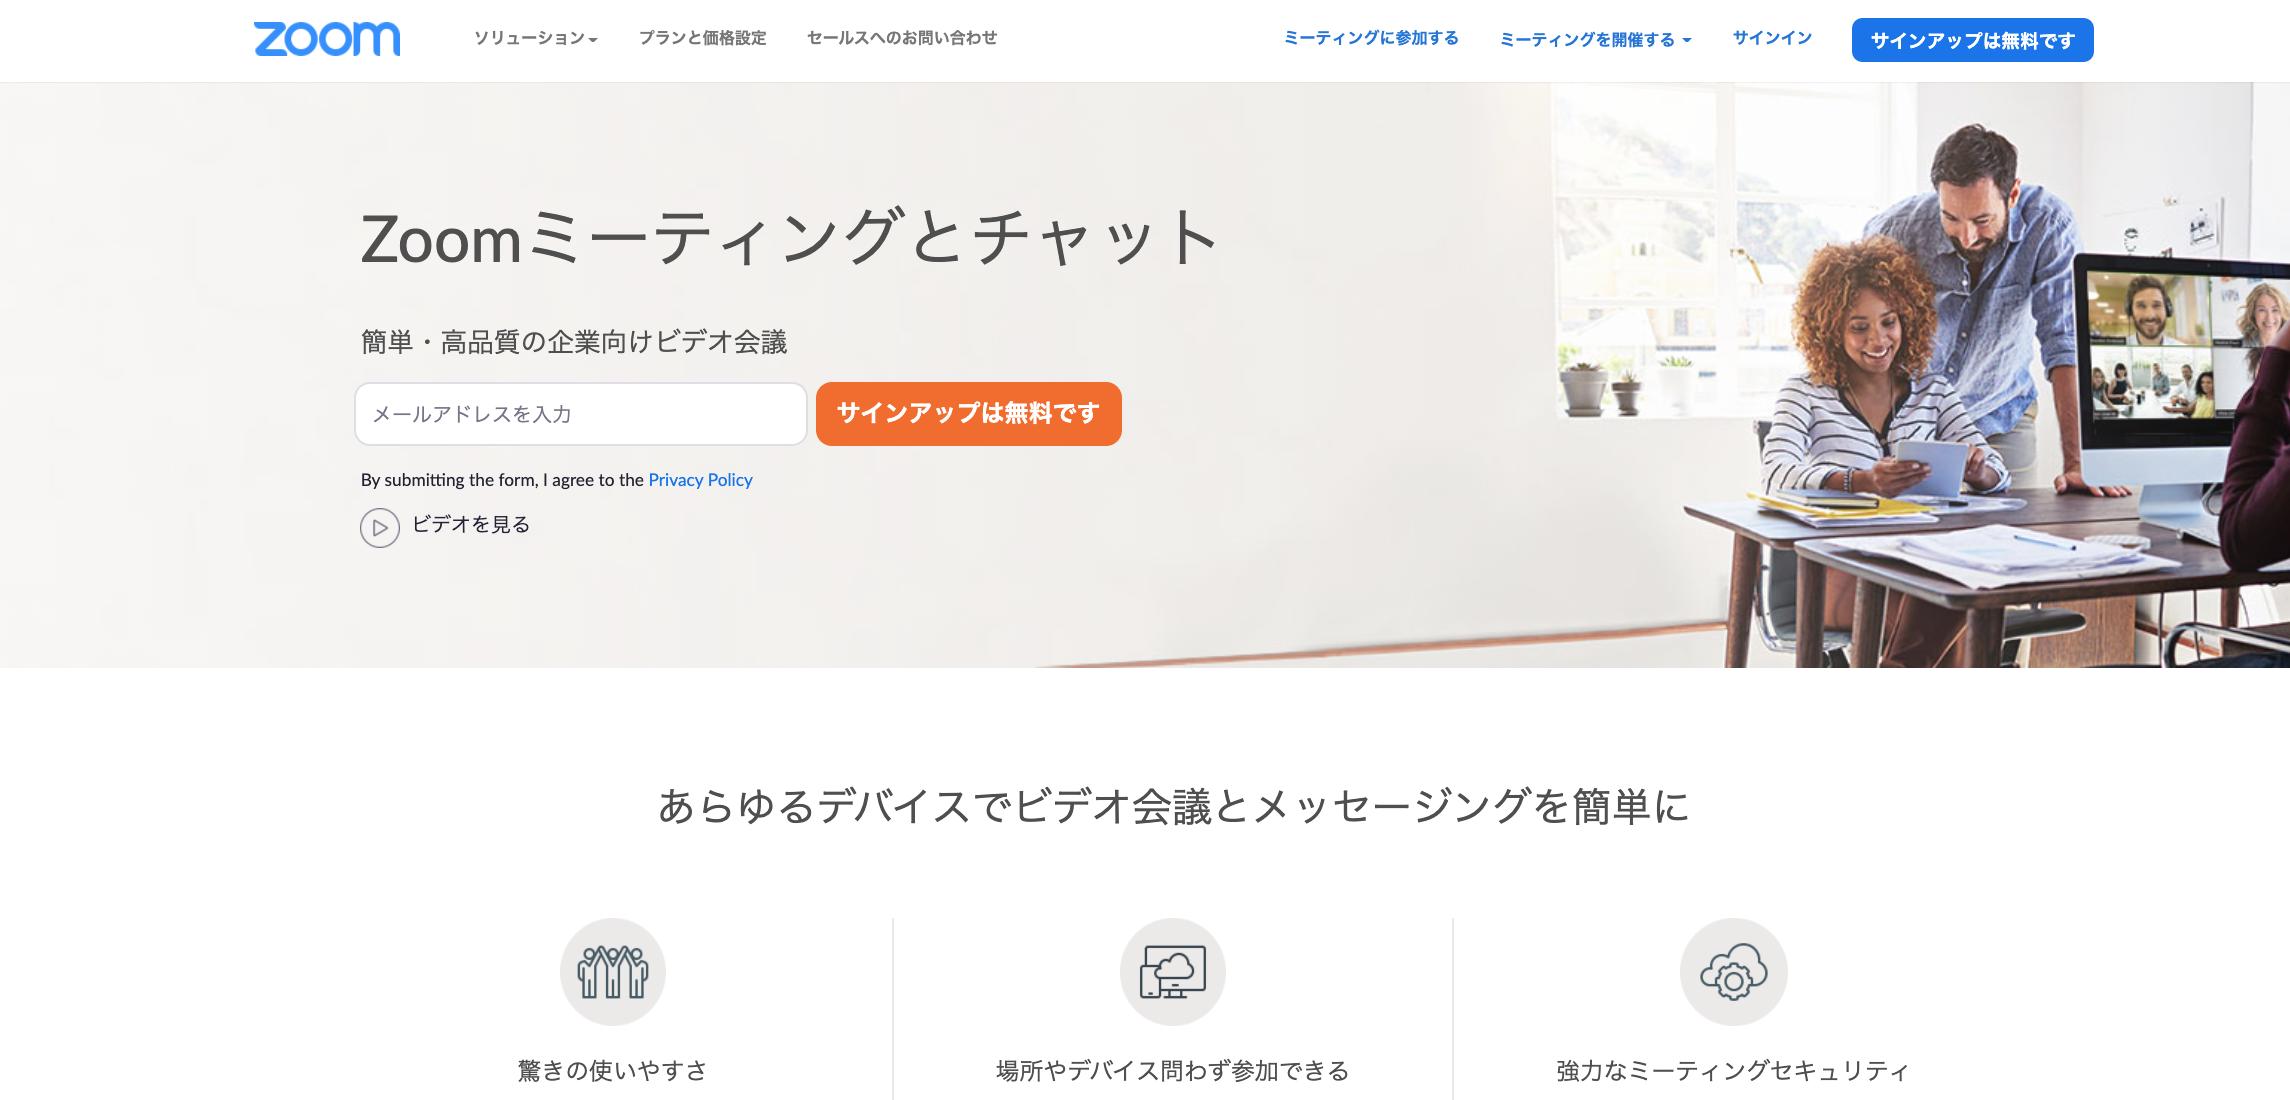 zoomサービス画像